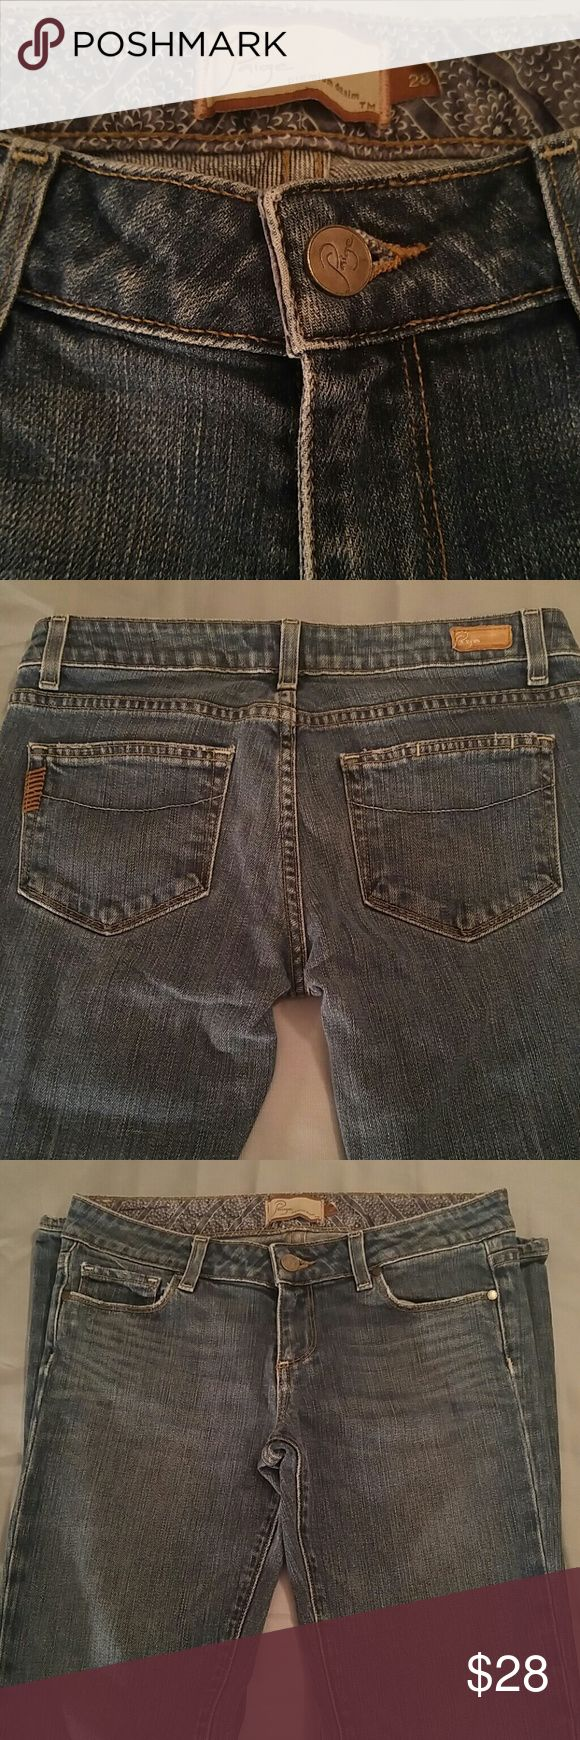 💕Final Sale Paige Laurel Canyon Boot Cut 28 Jeans Paige Laurel Canyon Boot Cut Size 28 Jeans, inseam 29, rise 8 1/2, gorgeous jeans, 98% cotton, 2% spandex...so comfortable Paige Jeans Jeans Boot Cut